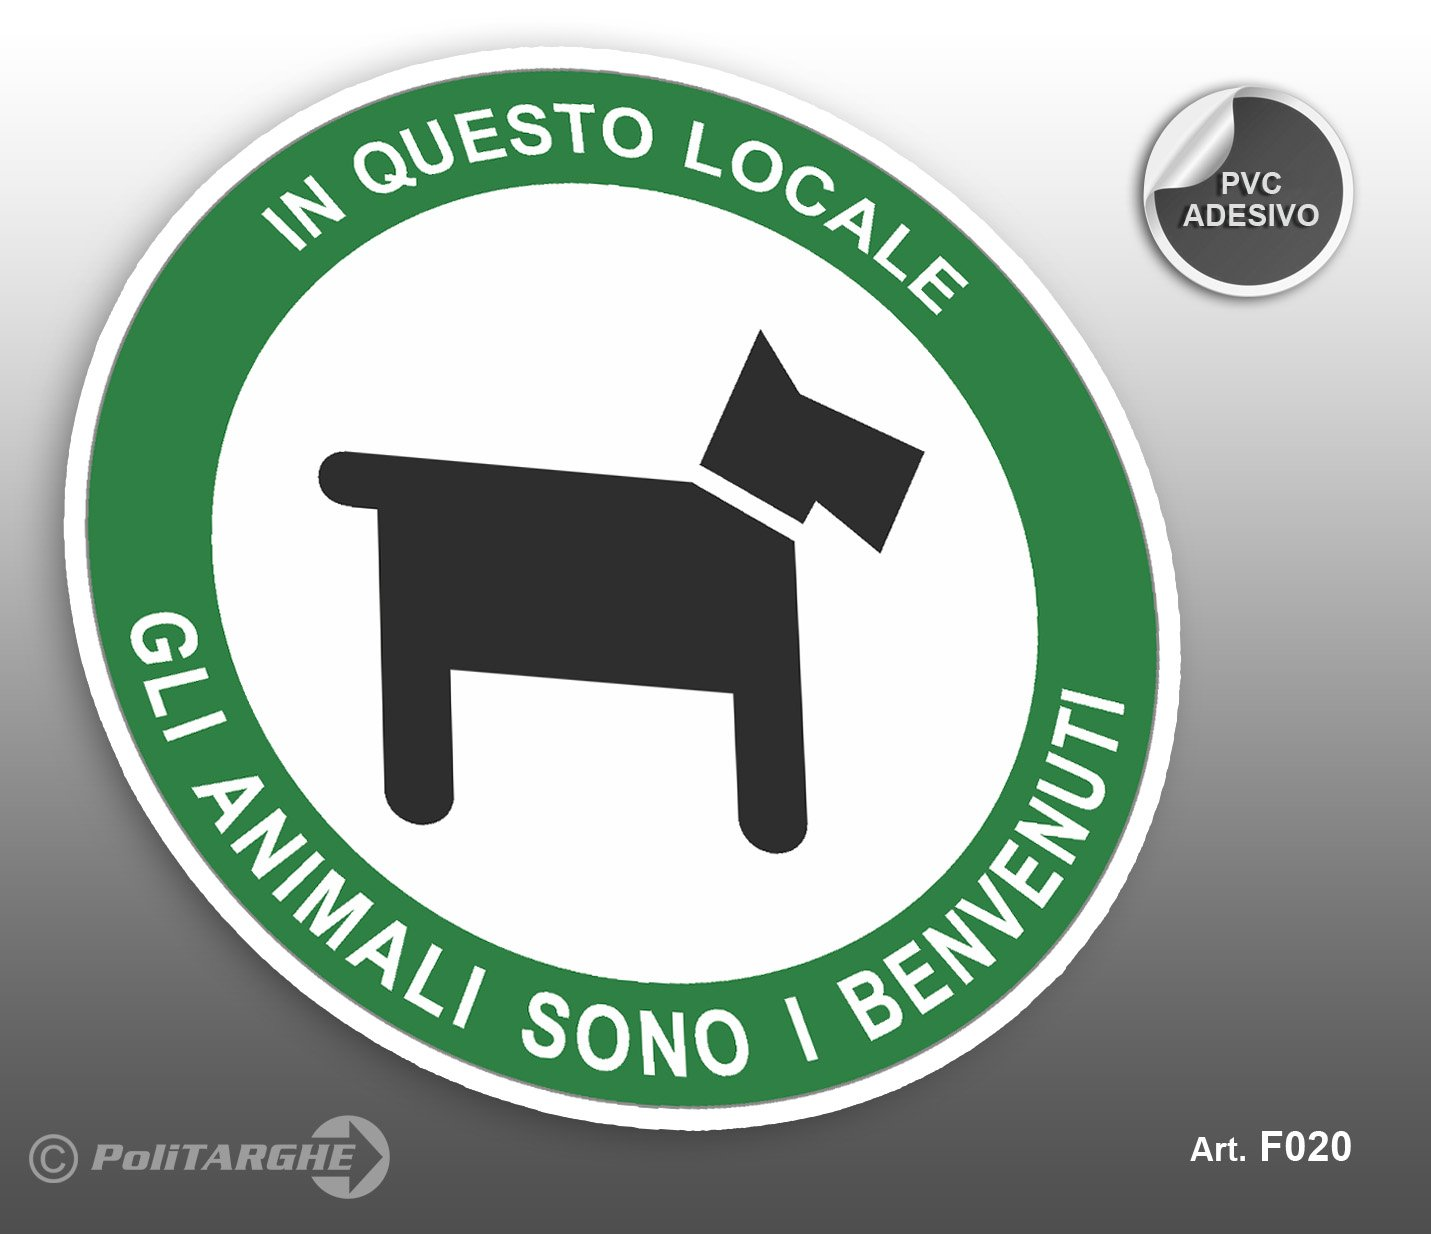 Cartello adesivo in PVC /Ø cm 12,5 In questo locale gli animali sono i benvenuti